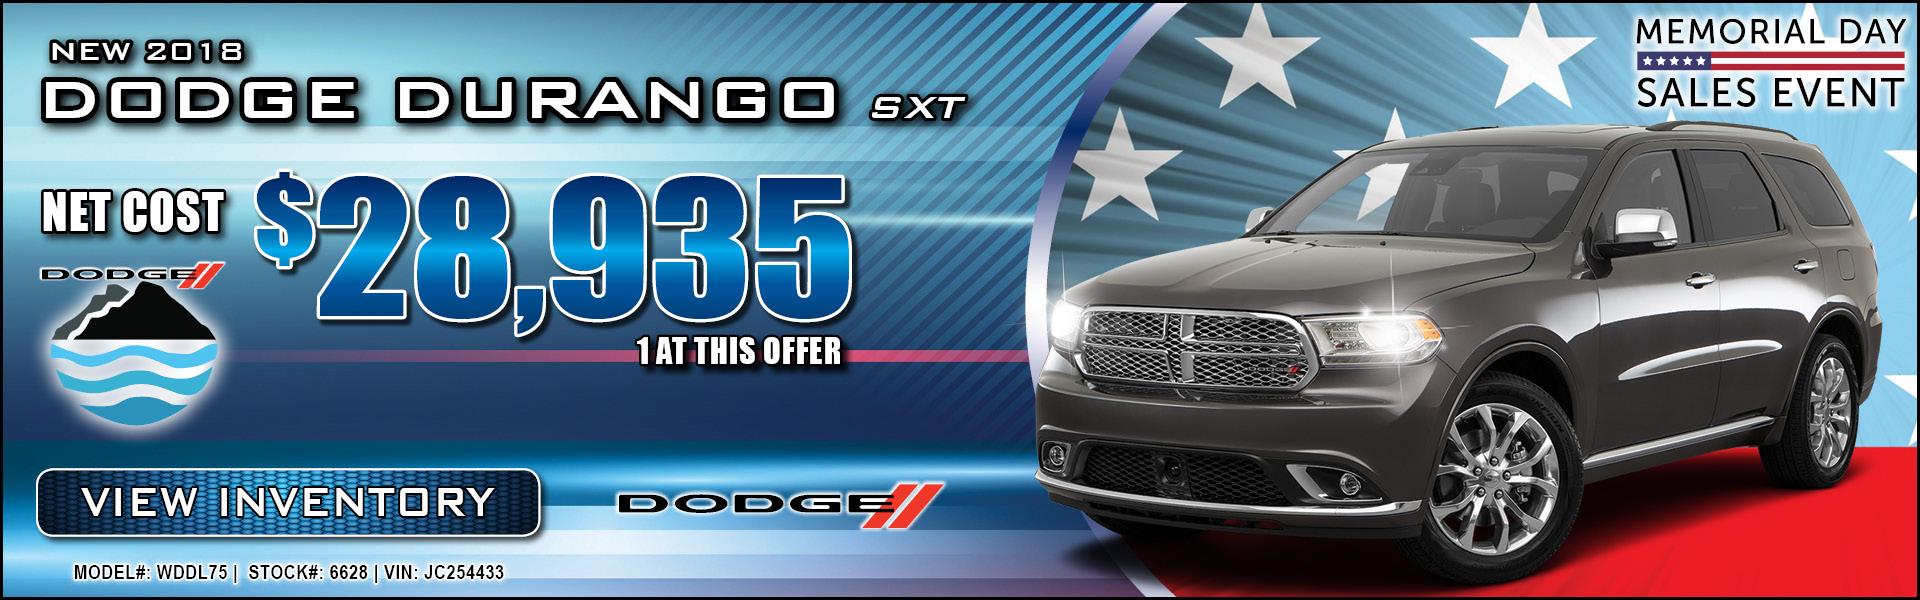 Dodge Durango $28,935